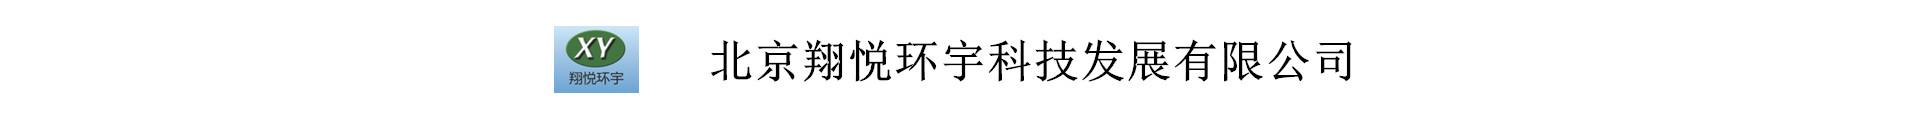 北京翔悦环宇科技发展有限公司